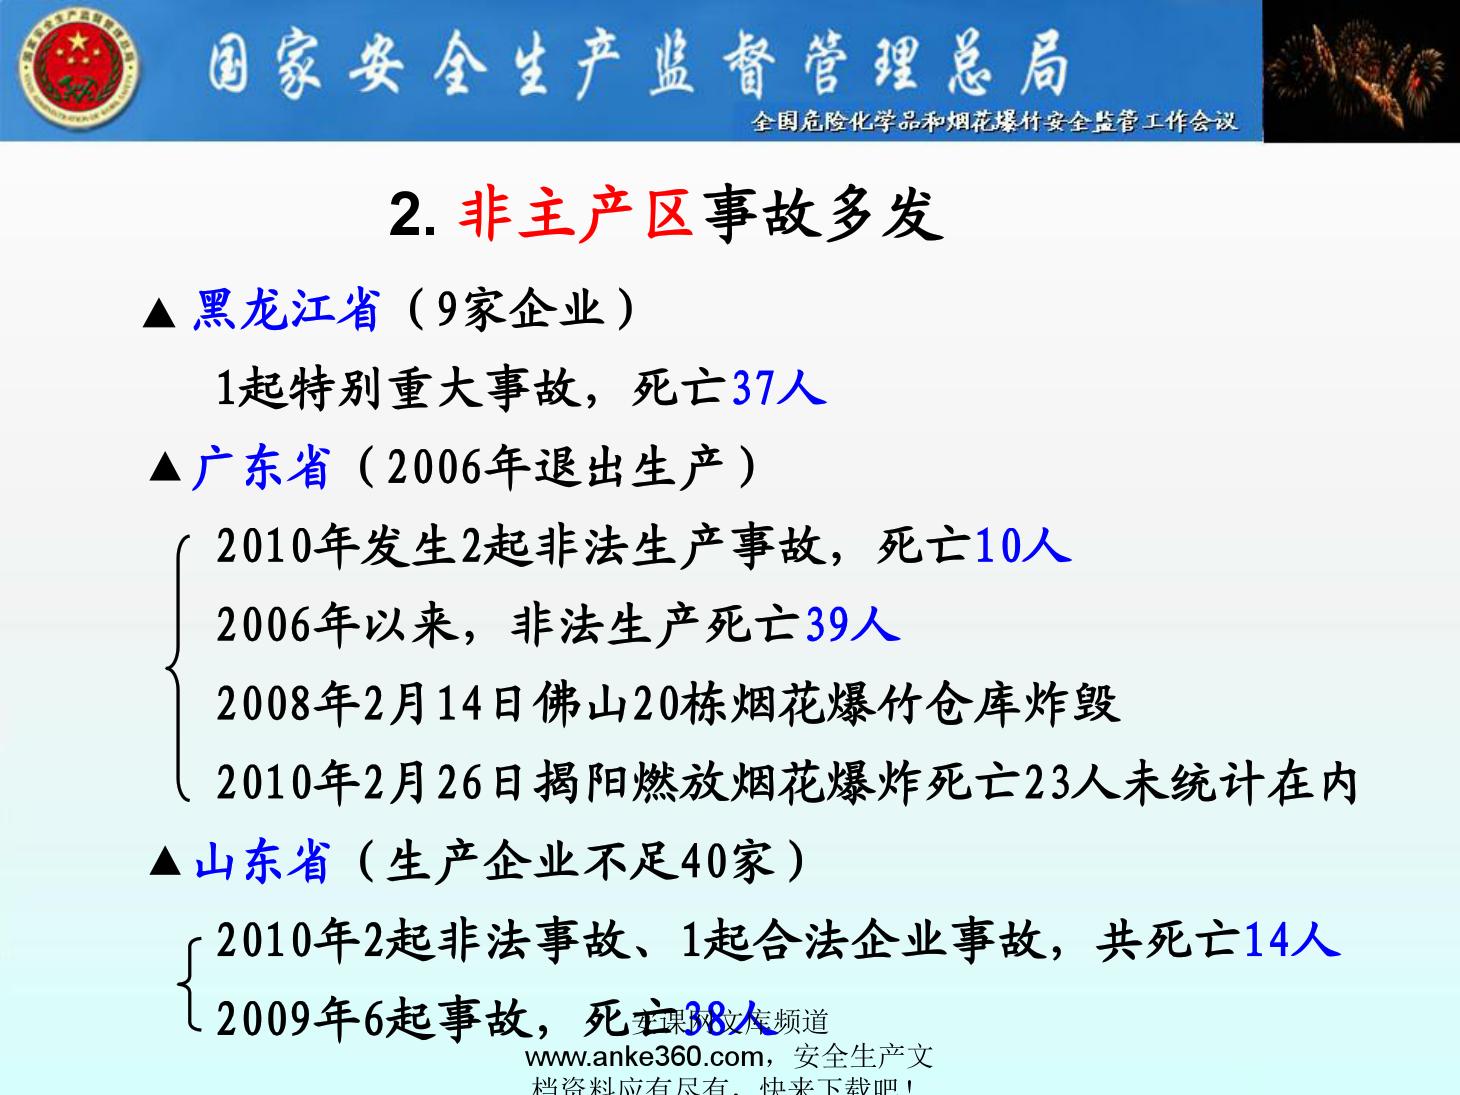 030 22957250 烟花爆竹事故分析(00001) - 安课网,安全教育培训内容专家